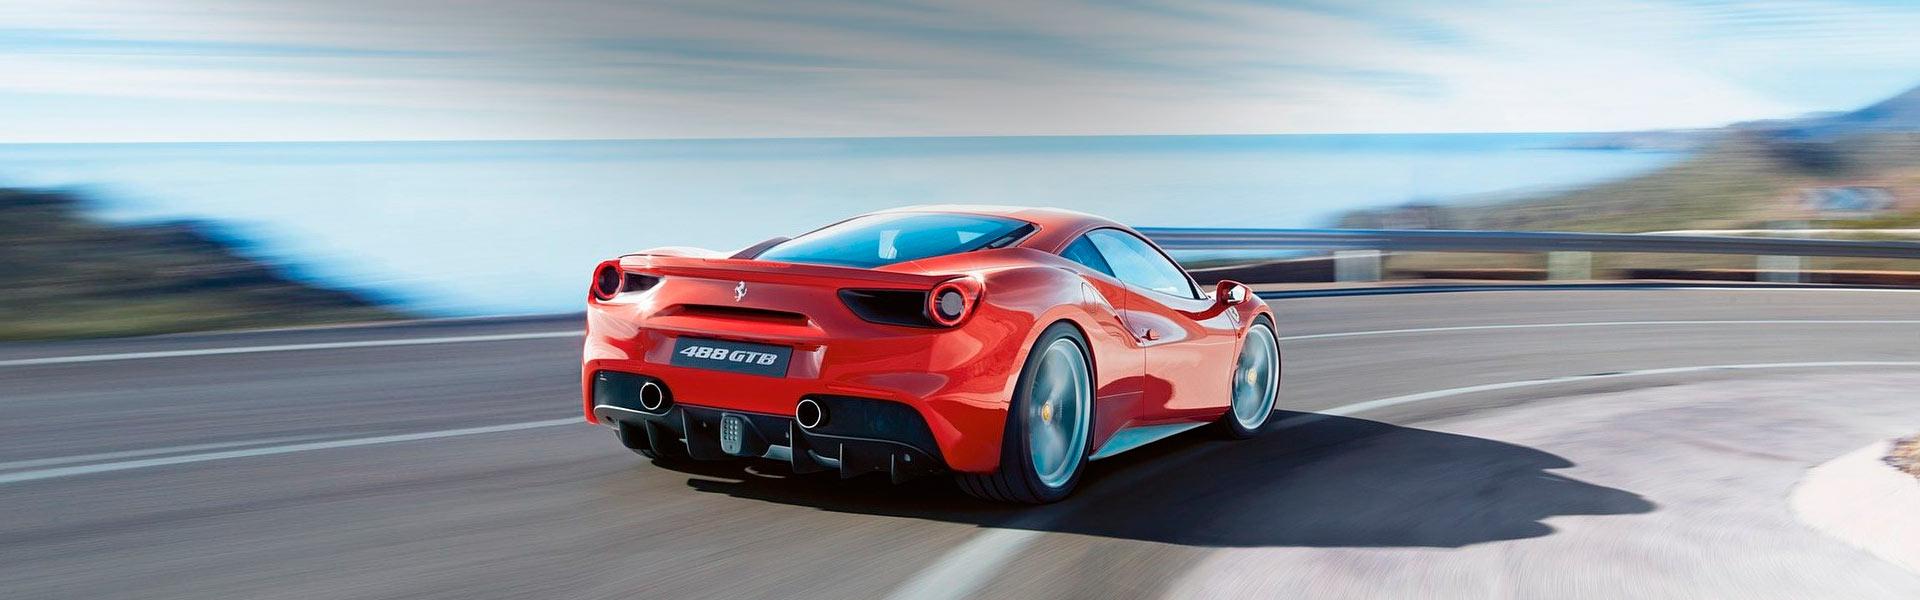 Сервис Ferrari GTC4Lusso